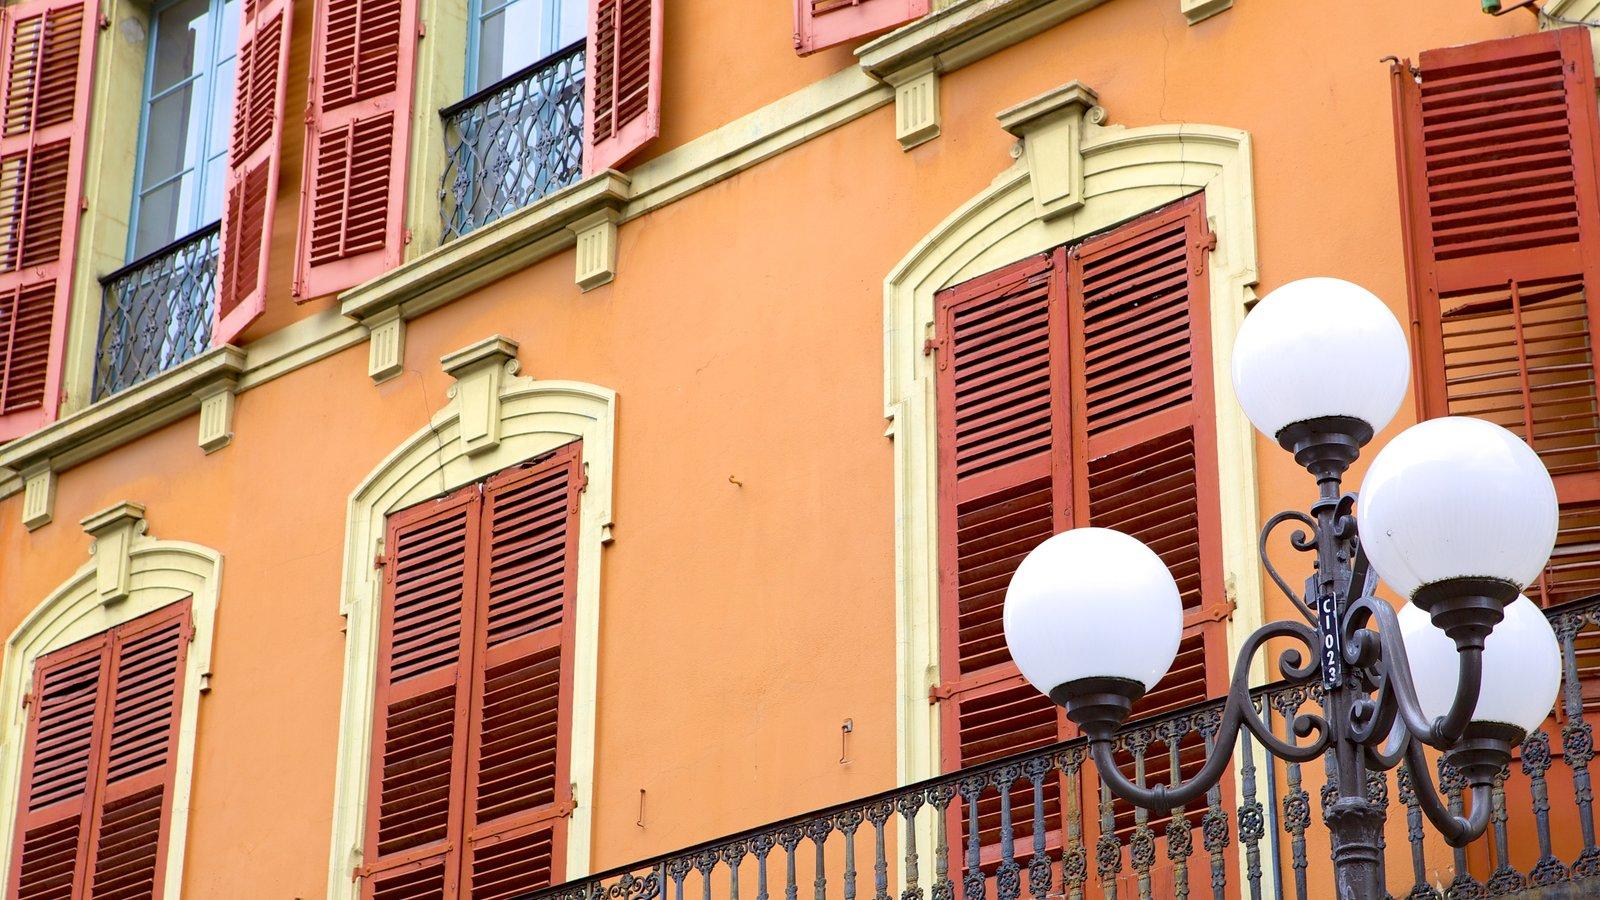 Chambery caracterizando arquitetura de patrimônio e uma casa